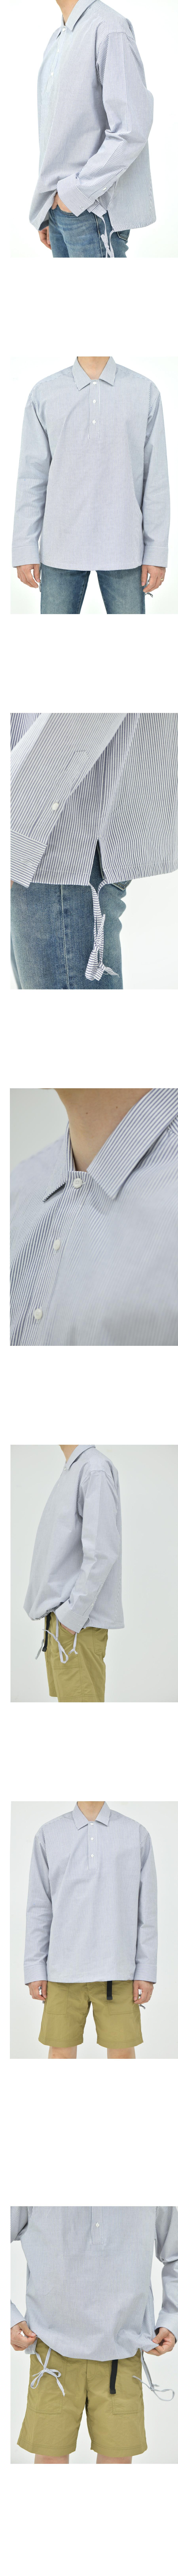 비앙쉬르(BIENSUR) 스트링 헨리넥 셔츠